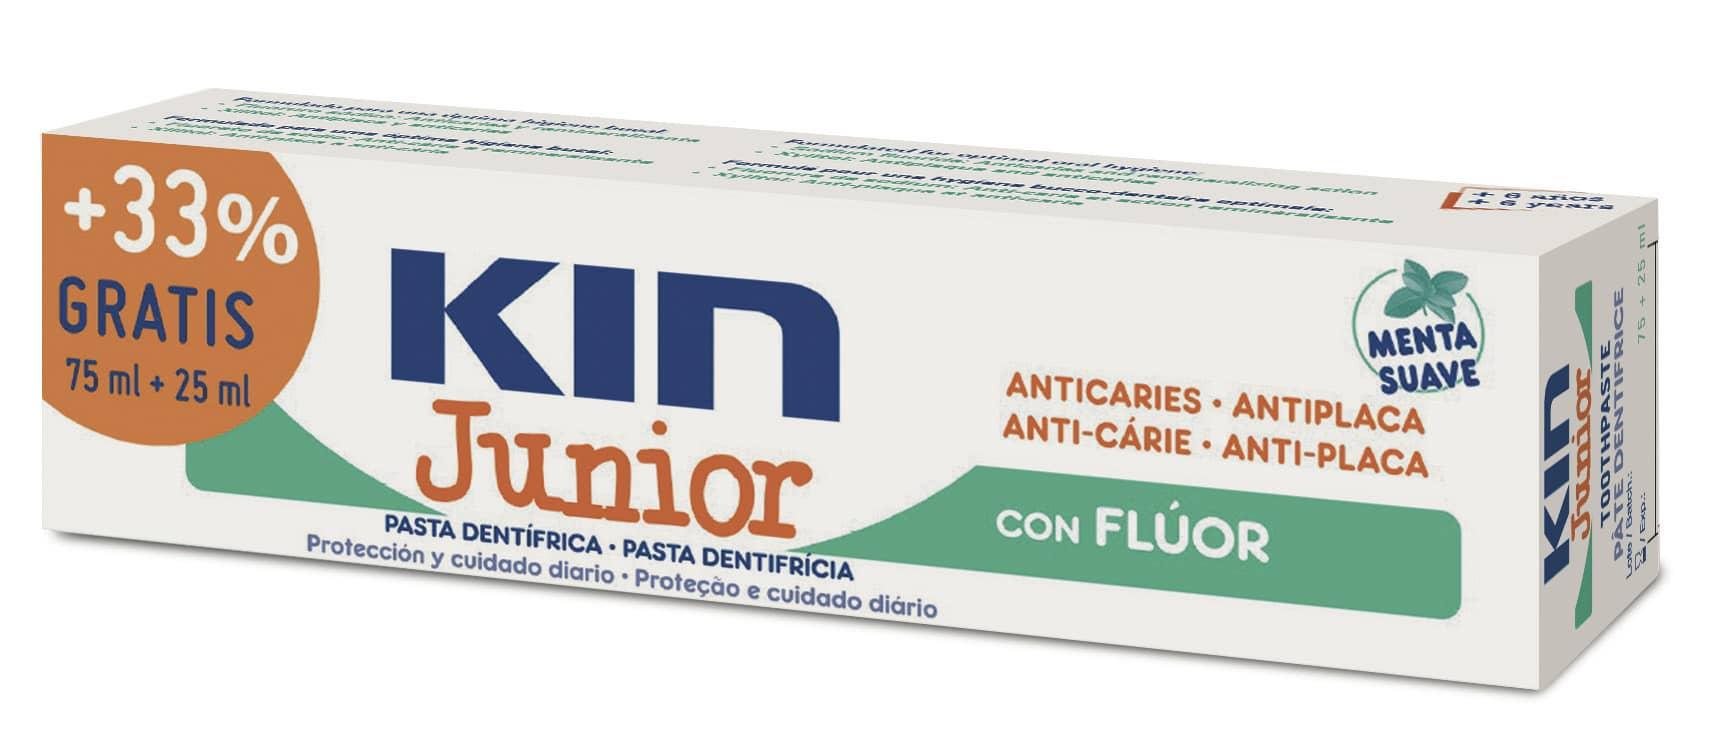 Kin Dentífrico Junior  75+25 ml